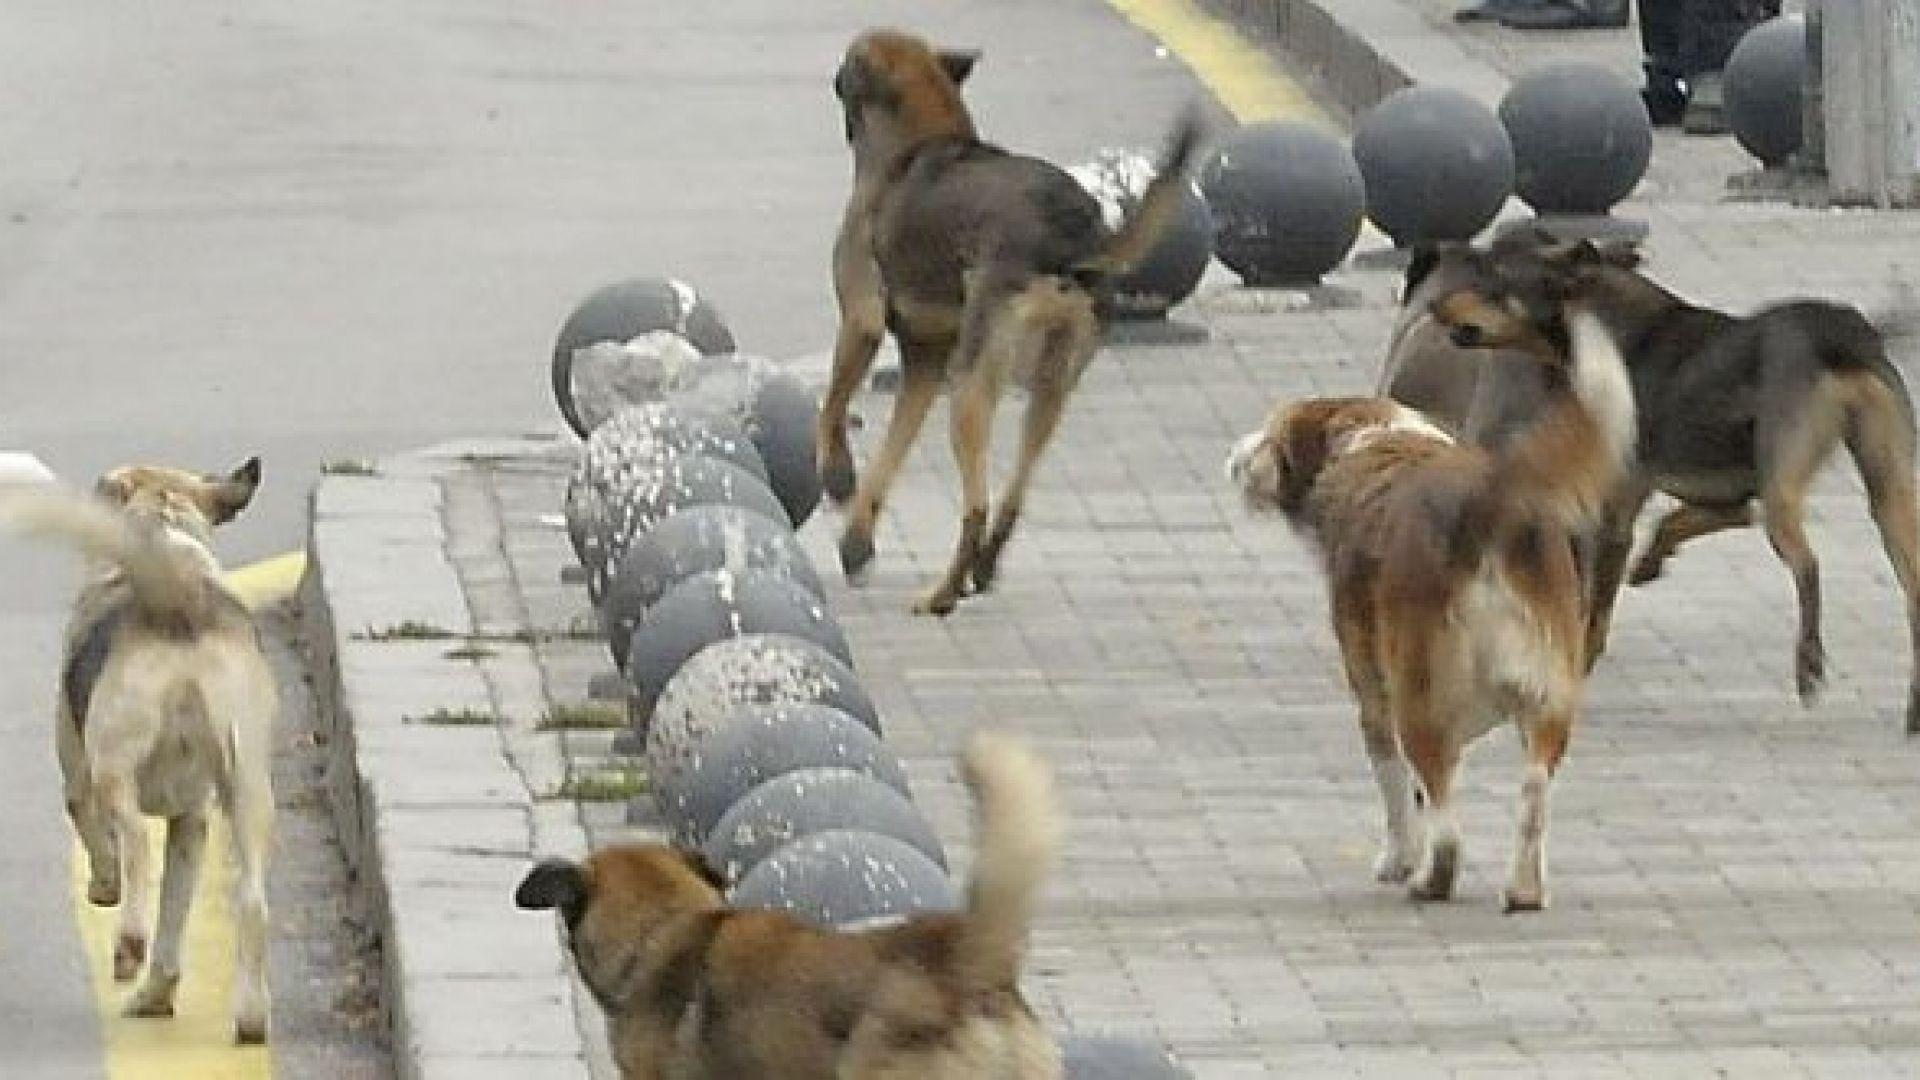 Незаконен кучкарник тормози жители на русенски квартал, предава Нова тв.